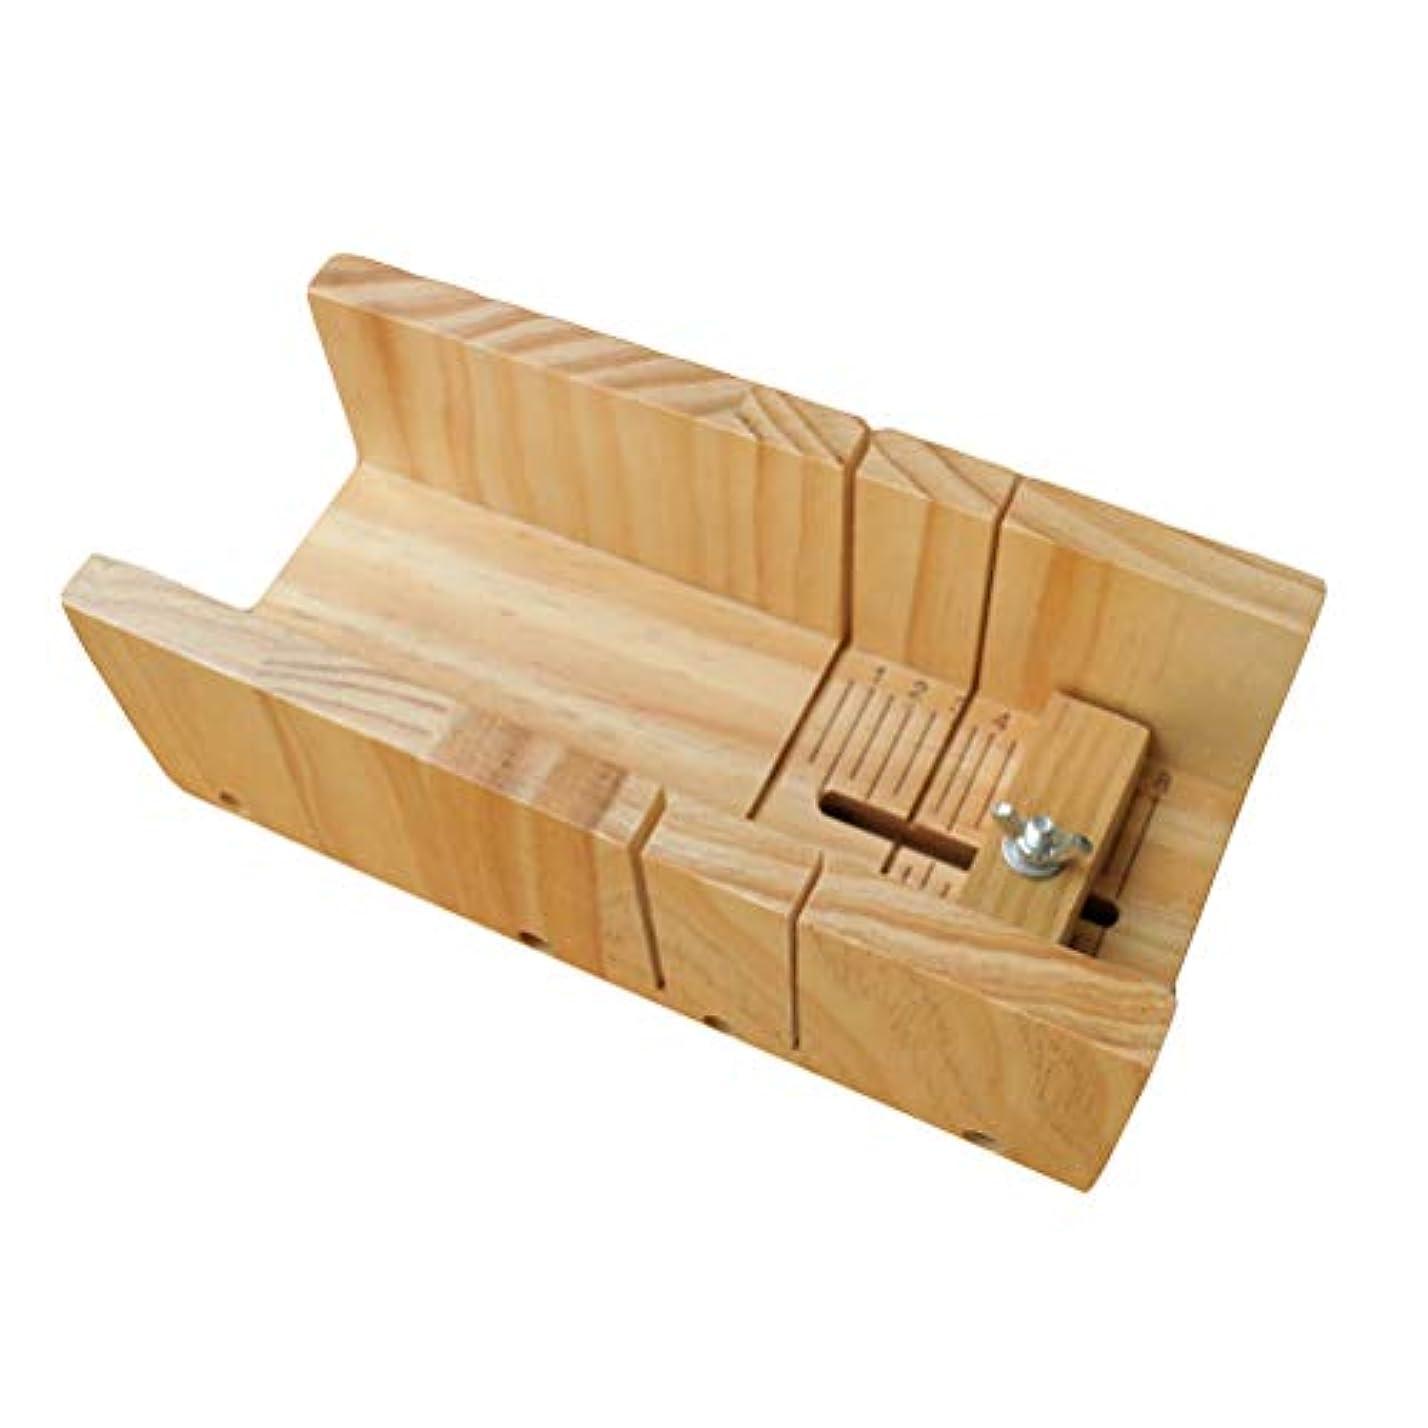 どちらも年金歯車SUPVOX ウッドソープローフカッター金型調整可能カッター金型ボックスソープ作りツール(ウッドカラー)